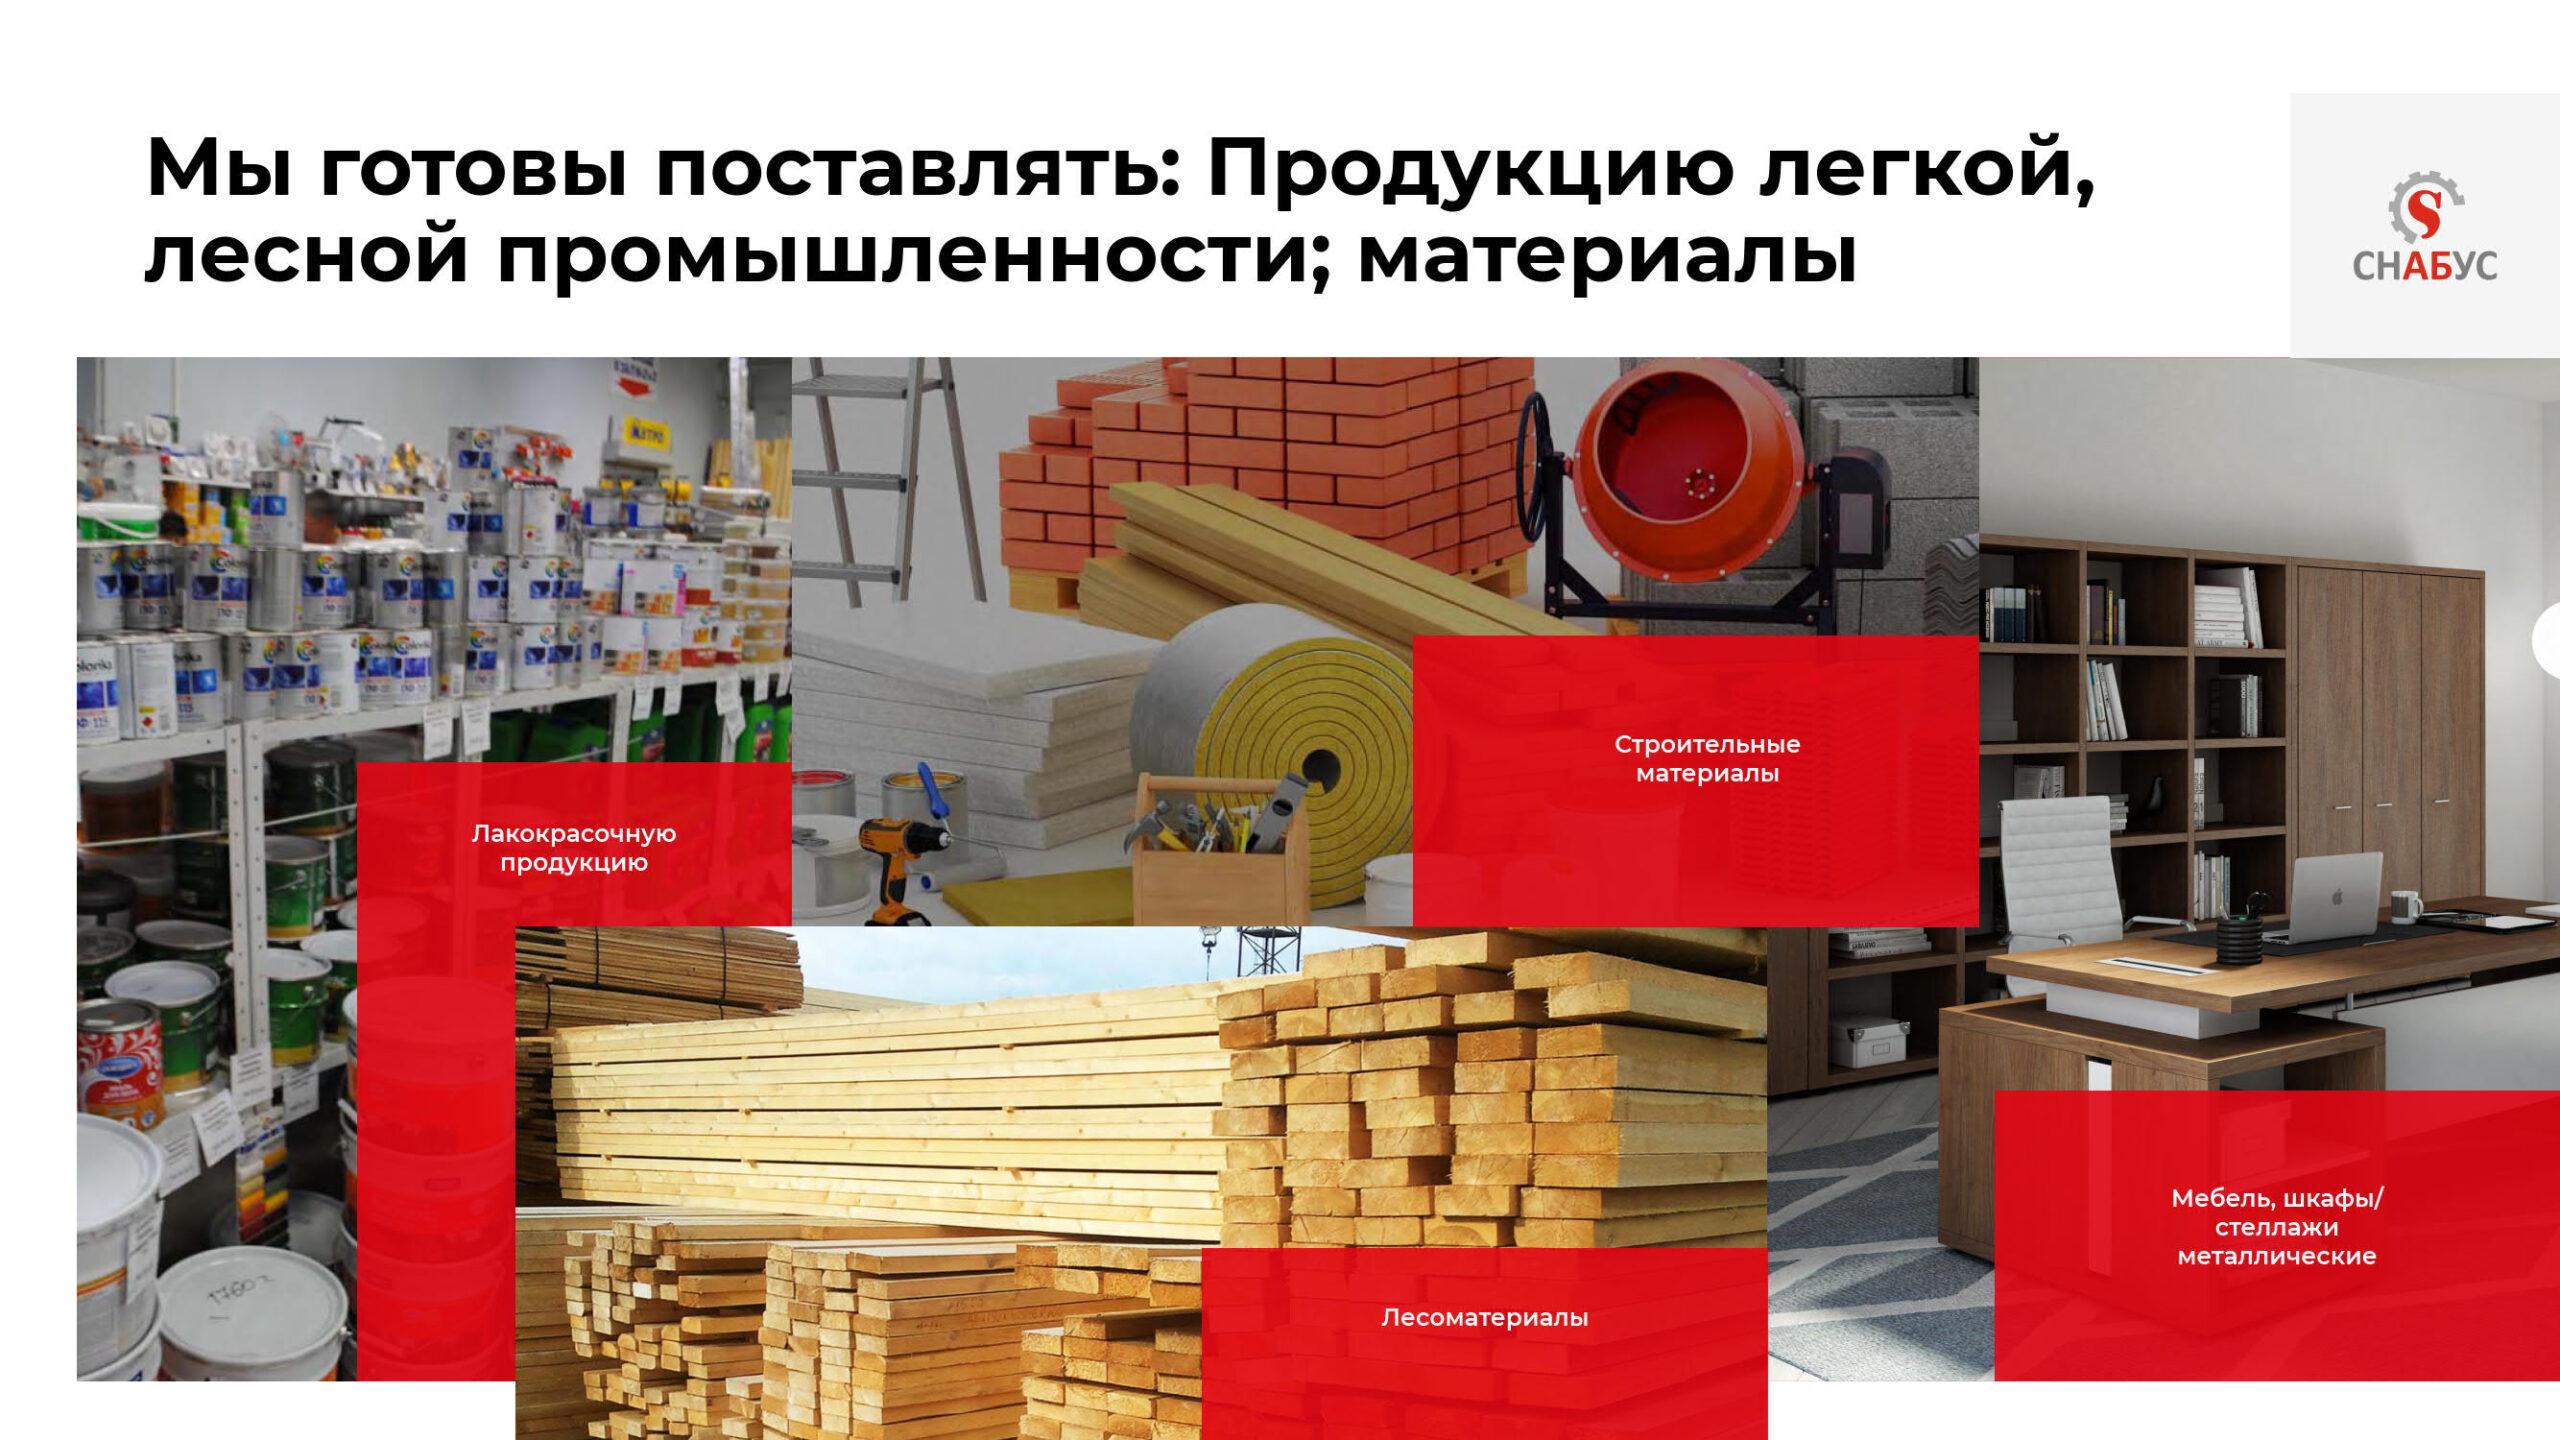 Презентация многопрофильной оптовой компании